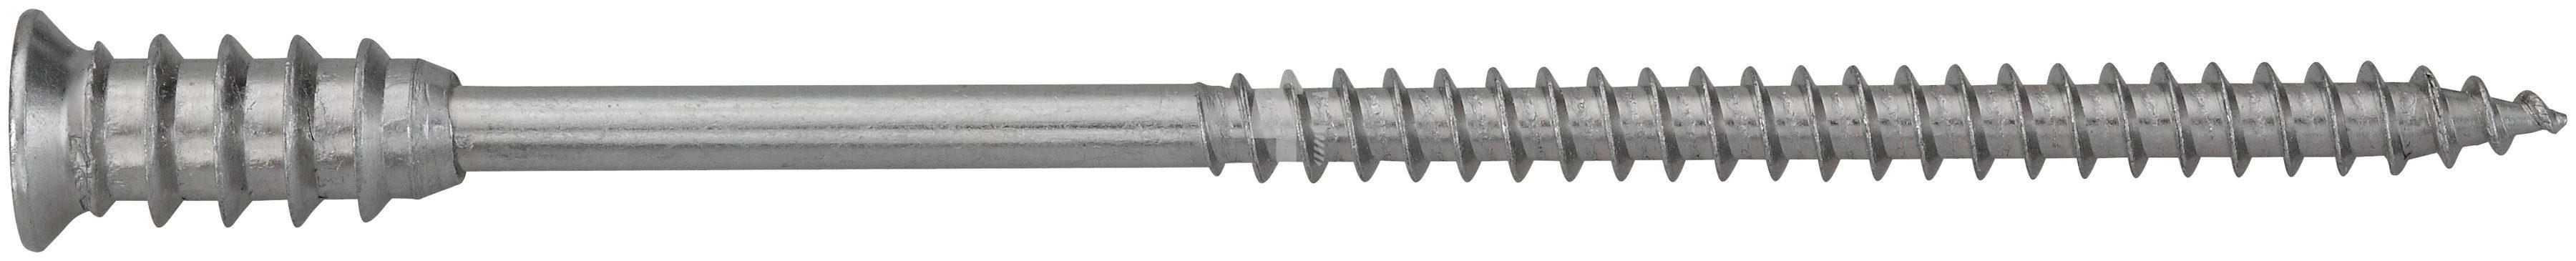 RAMSES Schrauben , Justierschraube Holz/Beton 6 x 80 mm 50 Stk.